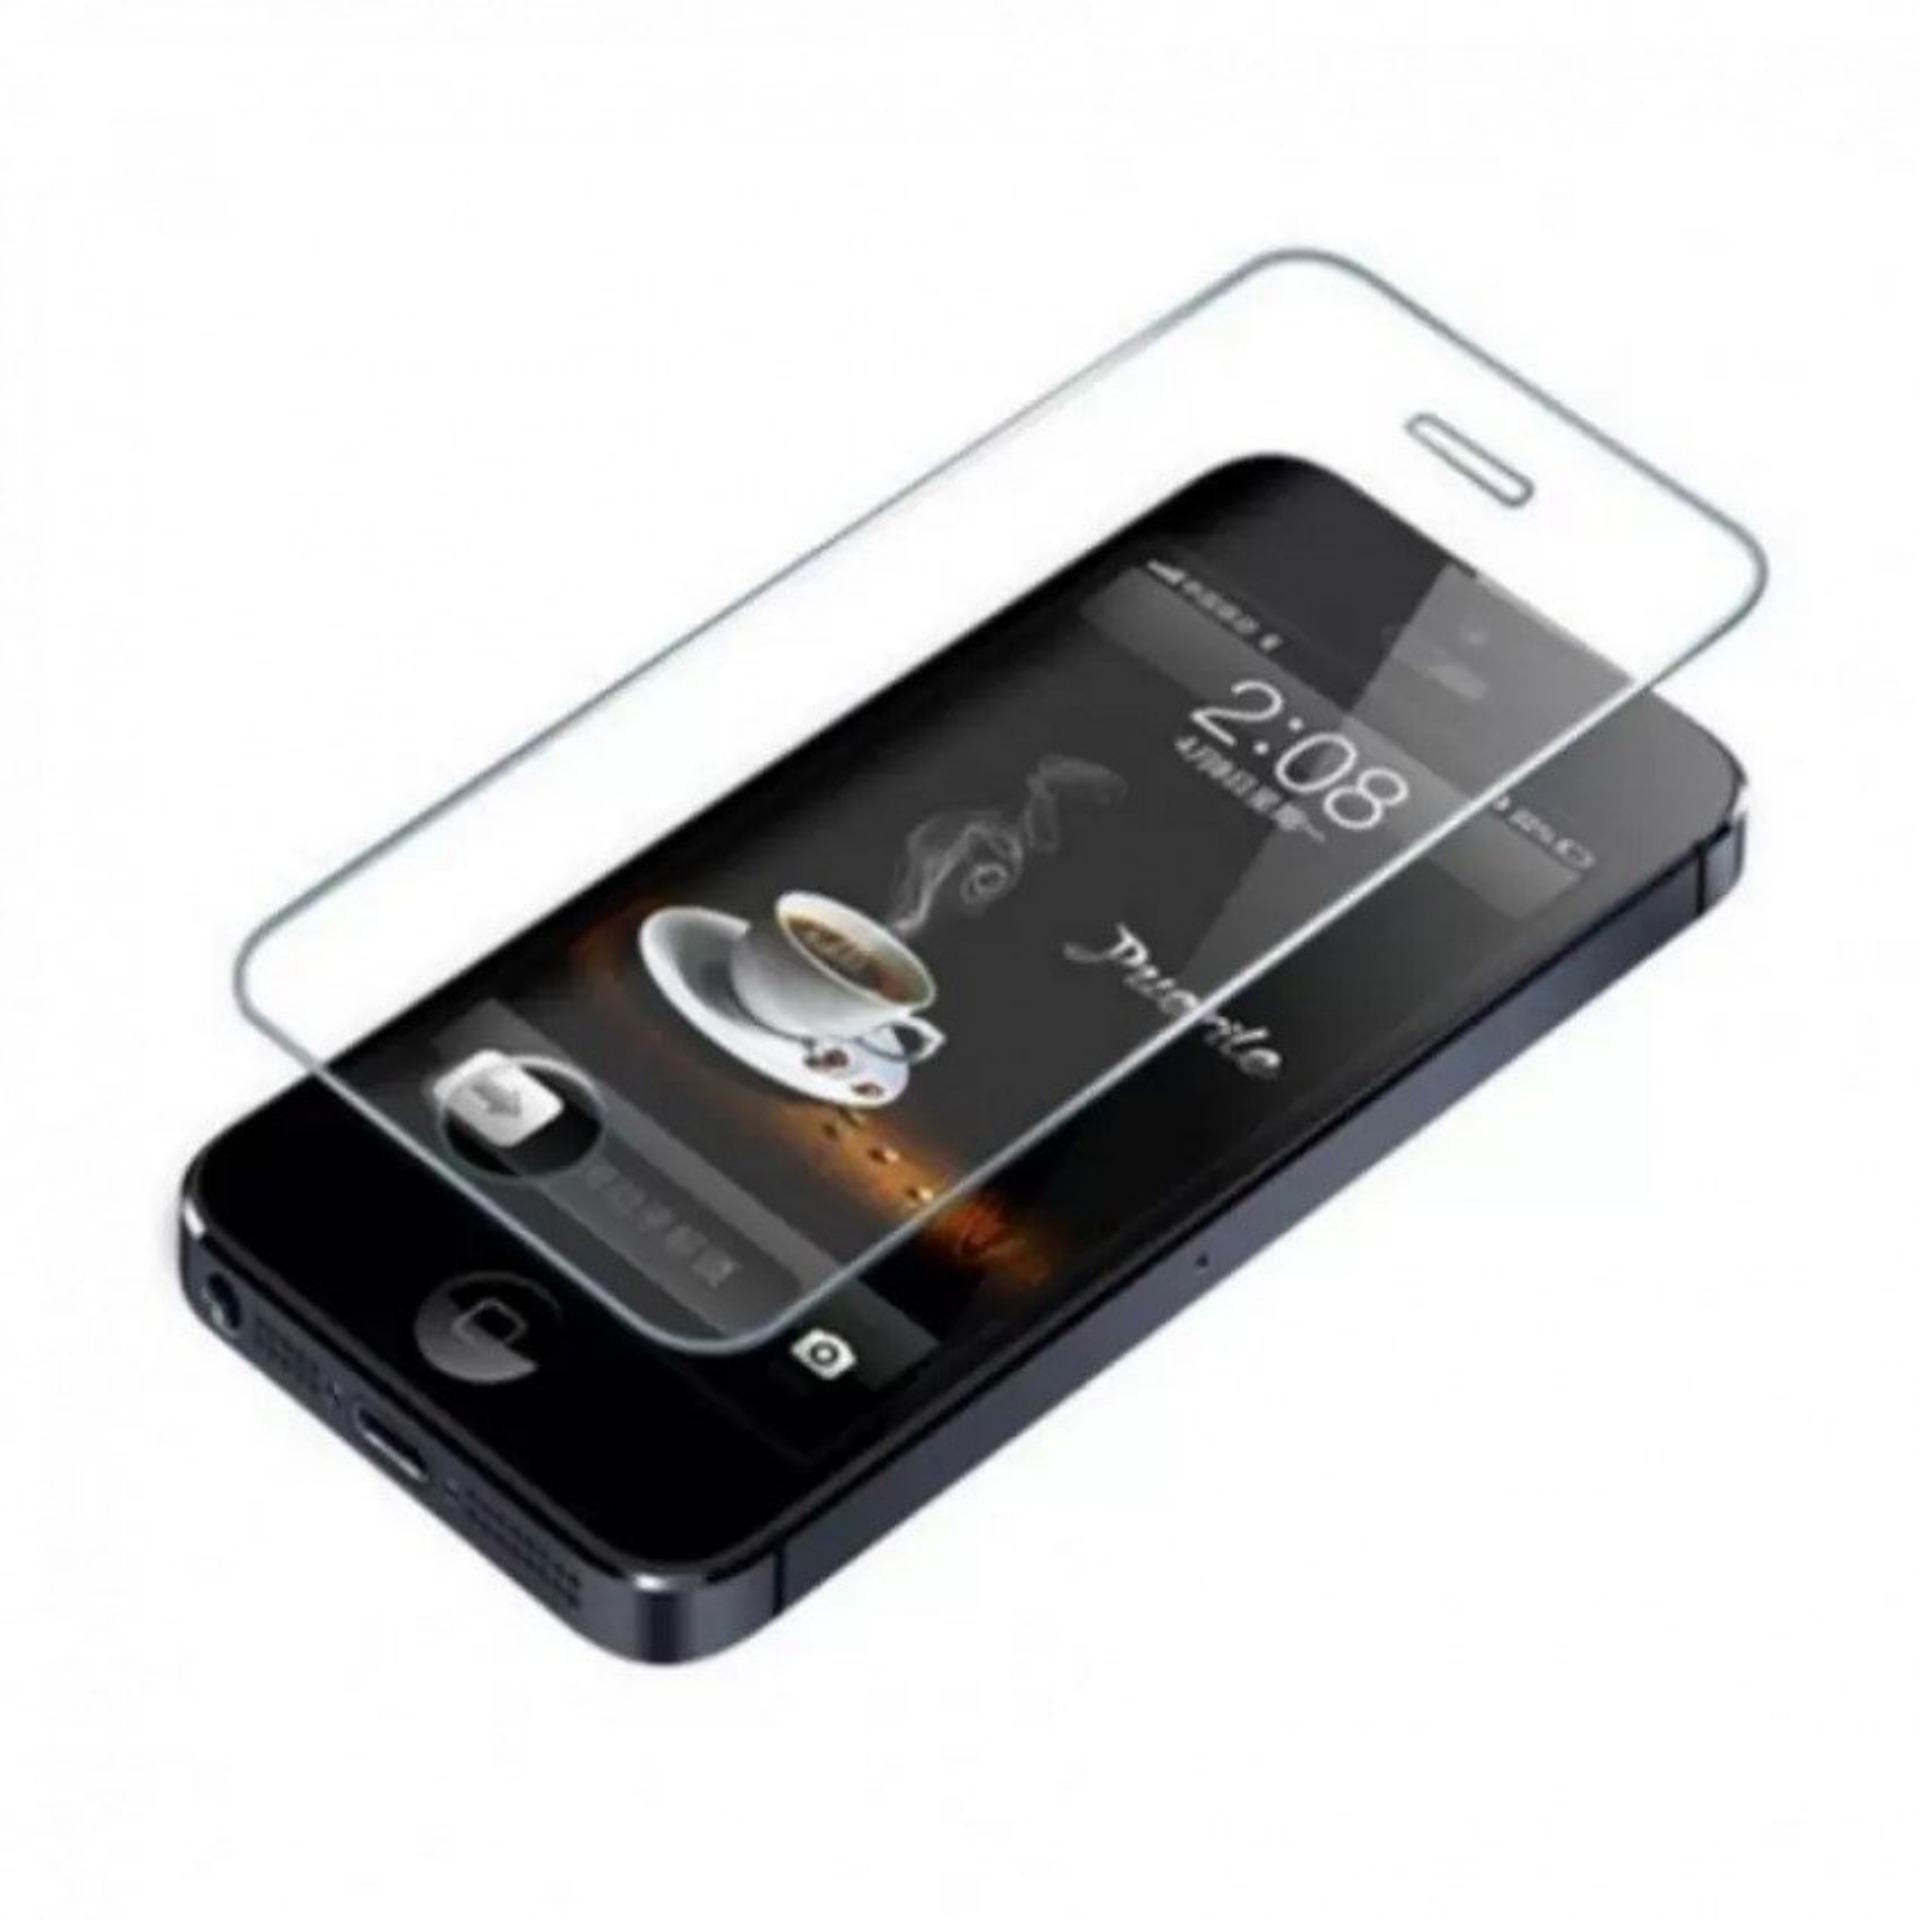 Mua Miếng dán kính cường lực cho iPhone 5/5s ở đâu tốt?